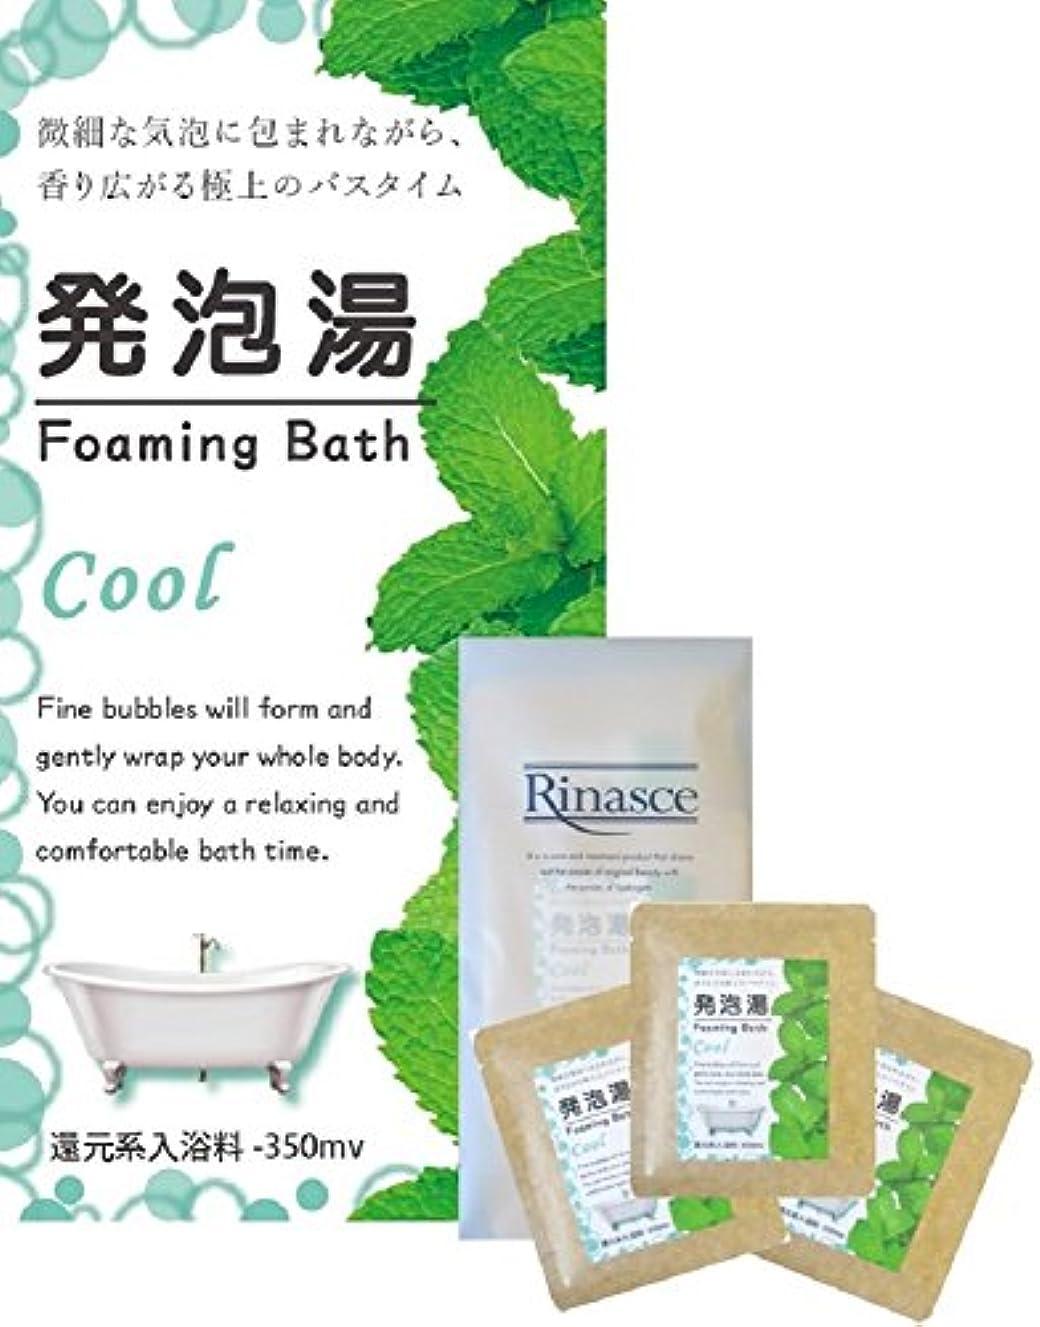 アンデス山脈マイクロマトン【ゆうメール対象】発泡湯(はっぽうとう) Foaming Bath Cool クール 40g 3包セット/微細な気泡に包まれながら香り広がる極上のバスタイム